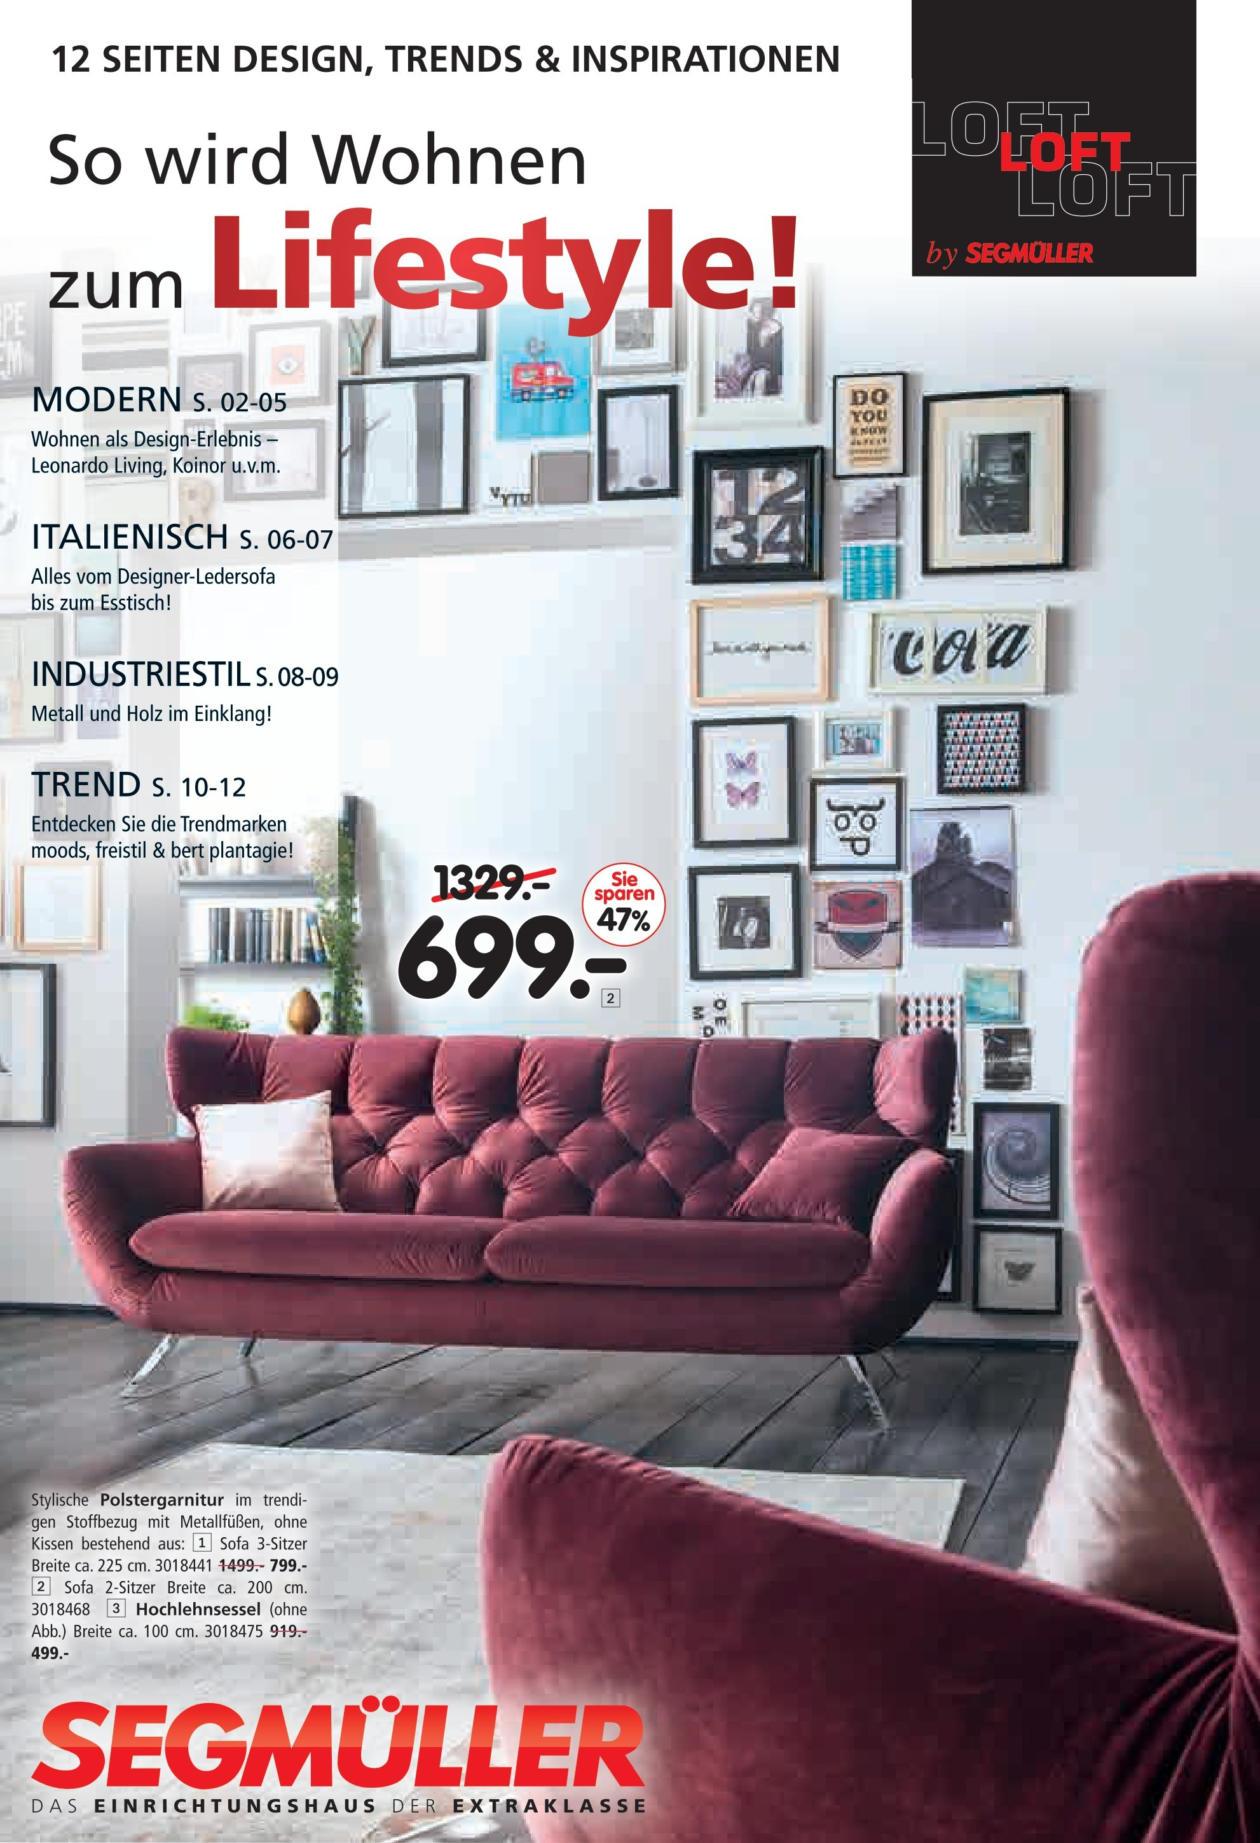 Segmuller Weiterstadt Sofas ~ Möbel Inspiration und Innenraum Ideen